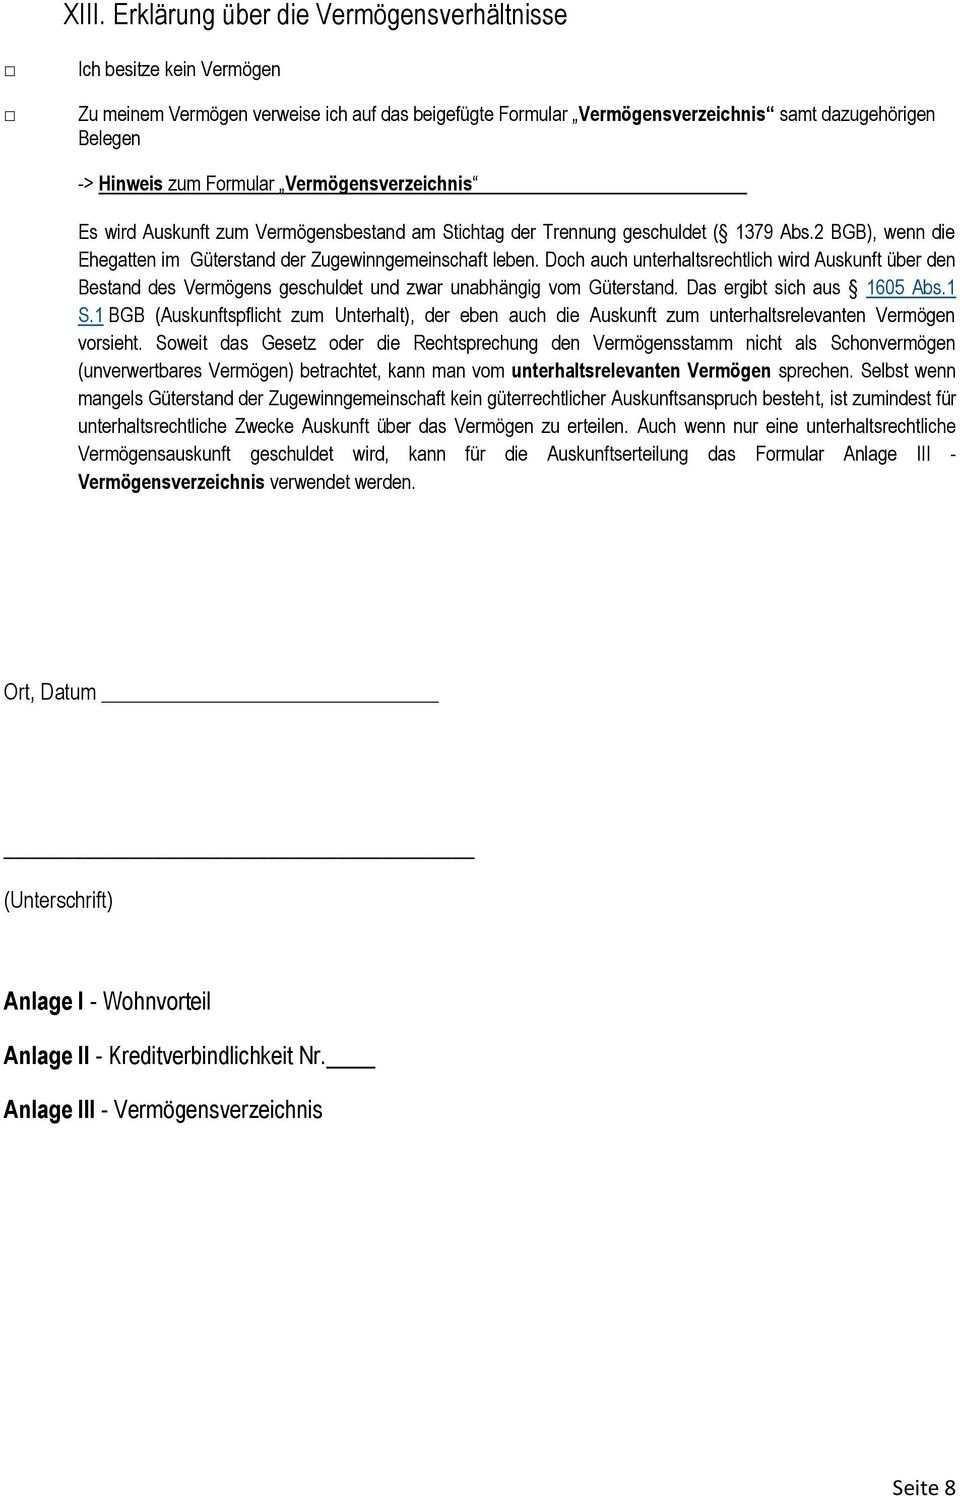 Dr Schrock Kanzlei Fur Familienrecht Pdf Free Download